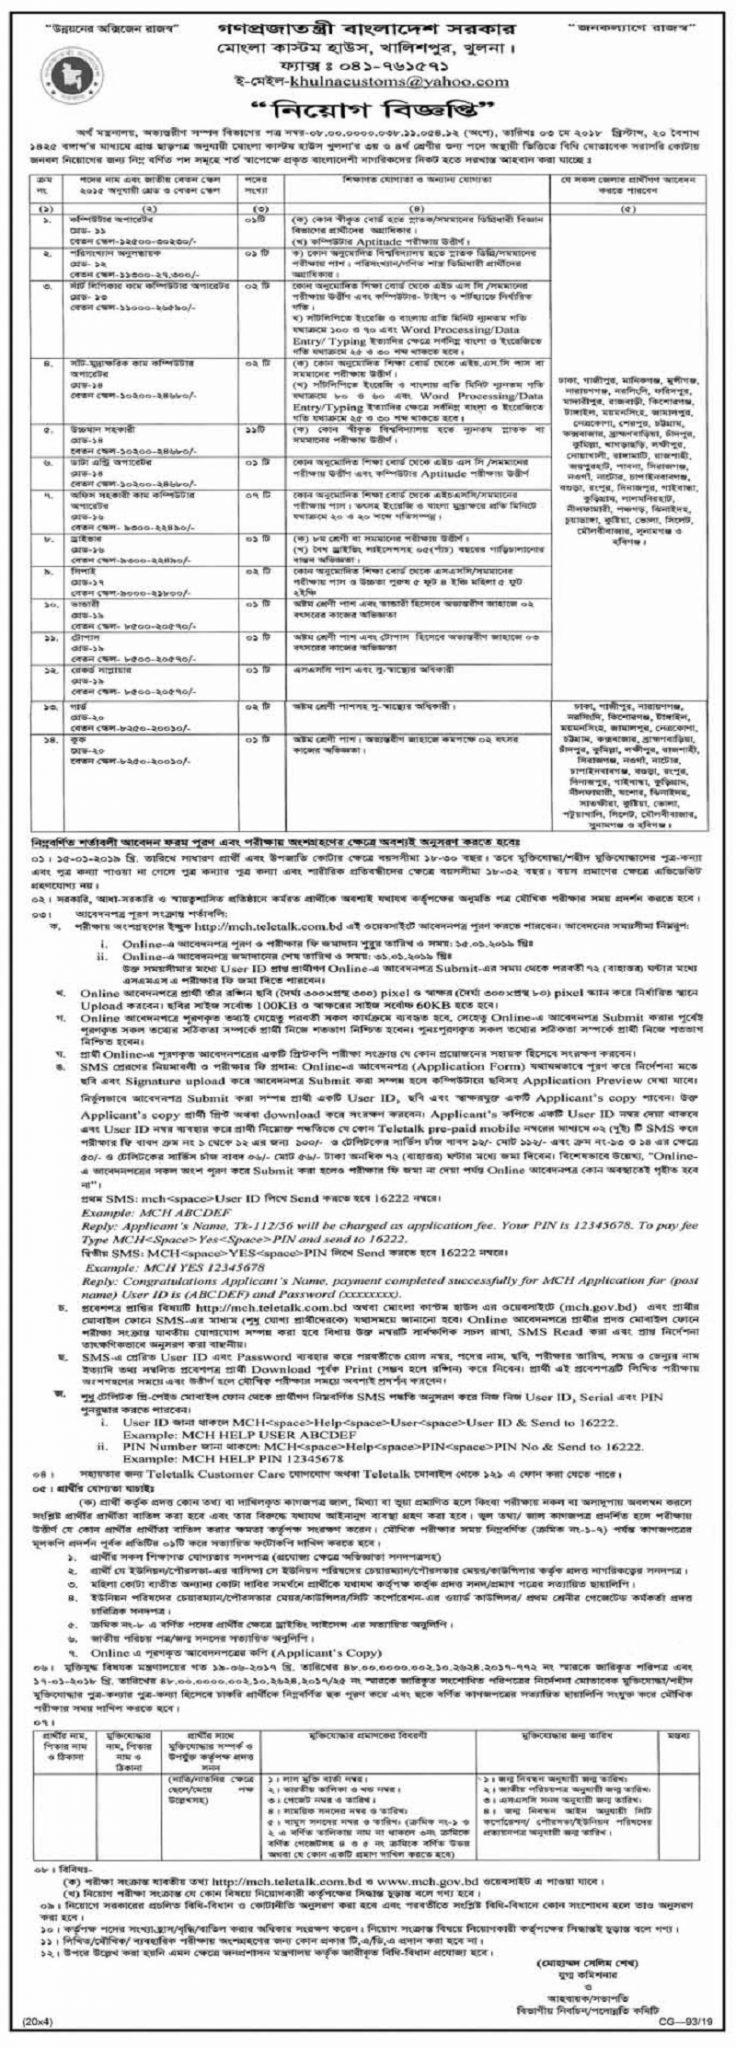 Mongla Custom House Job Circular 2019